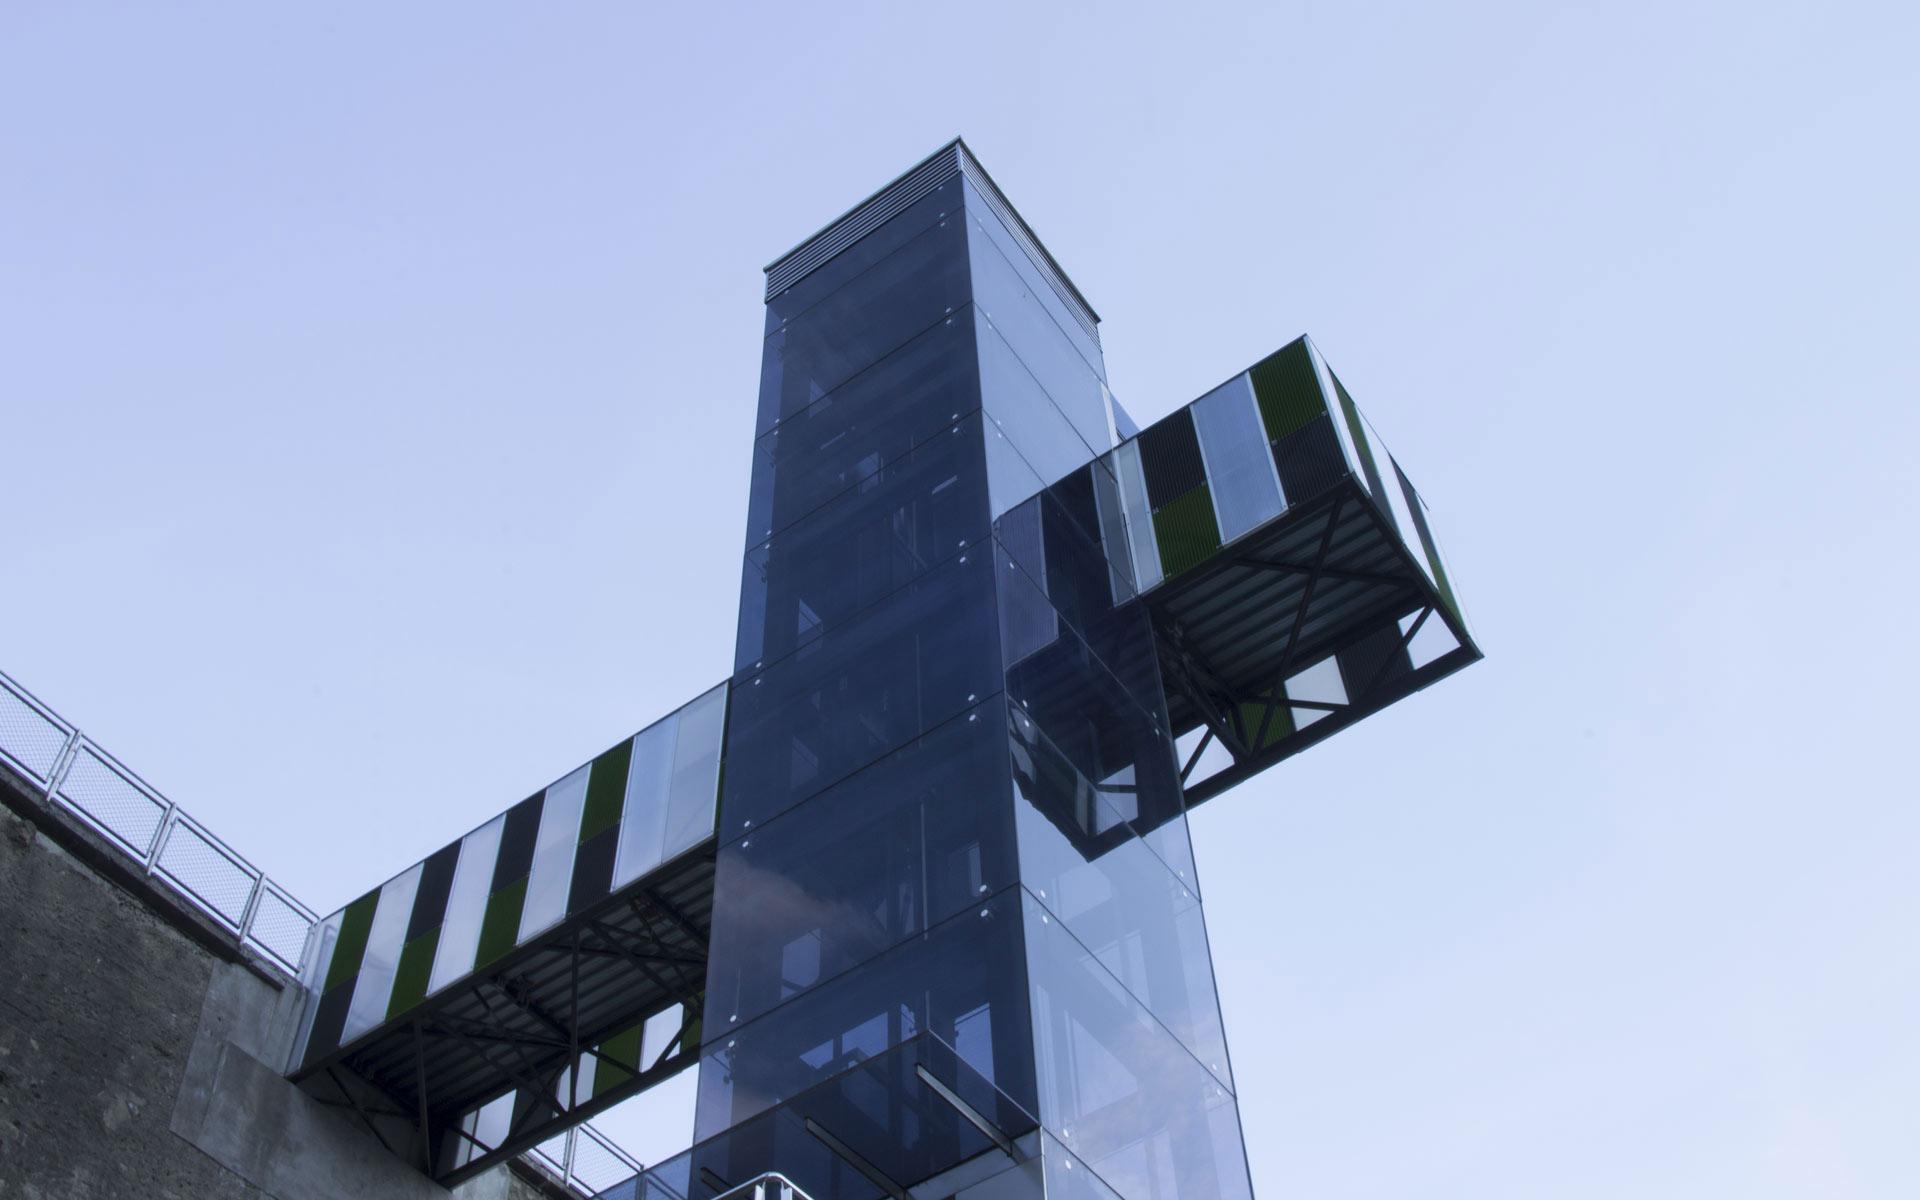 uxama-slider-portafolio-ascensor-urbano-ebar-cruz-1